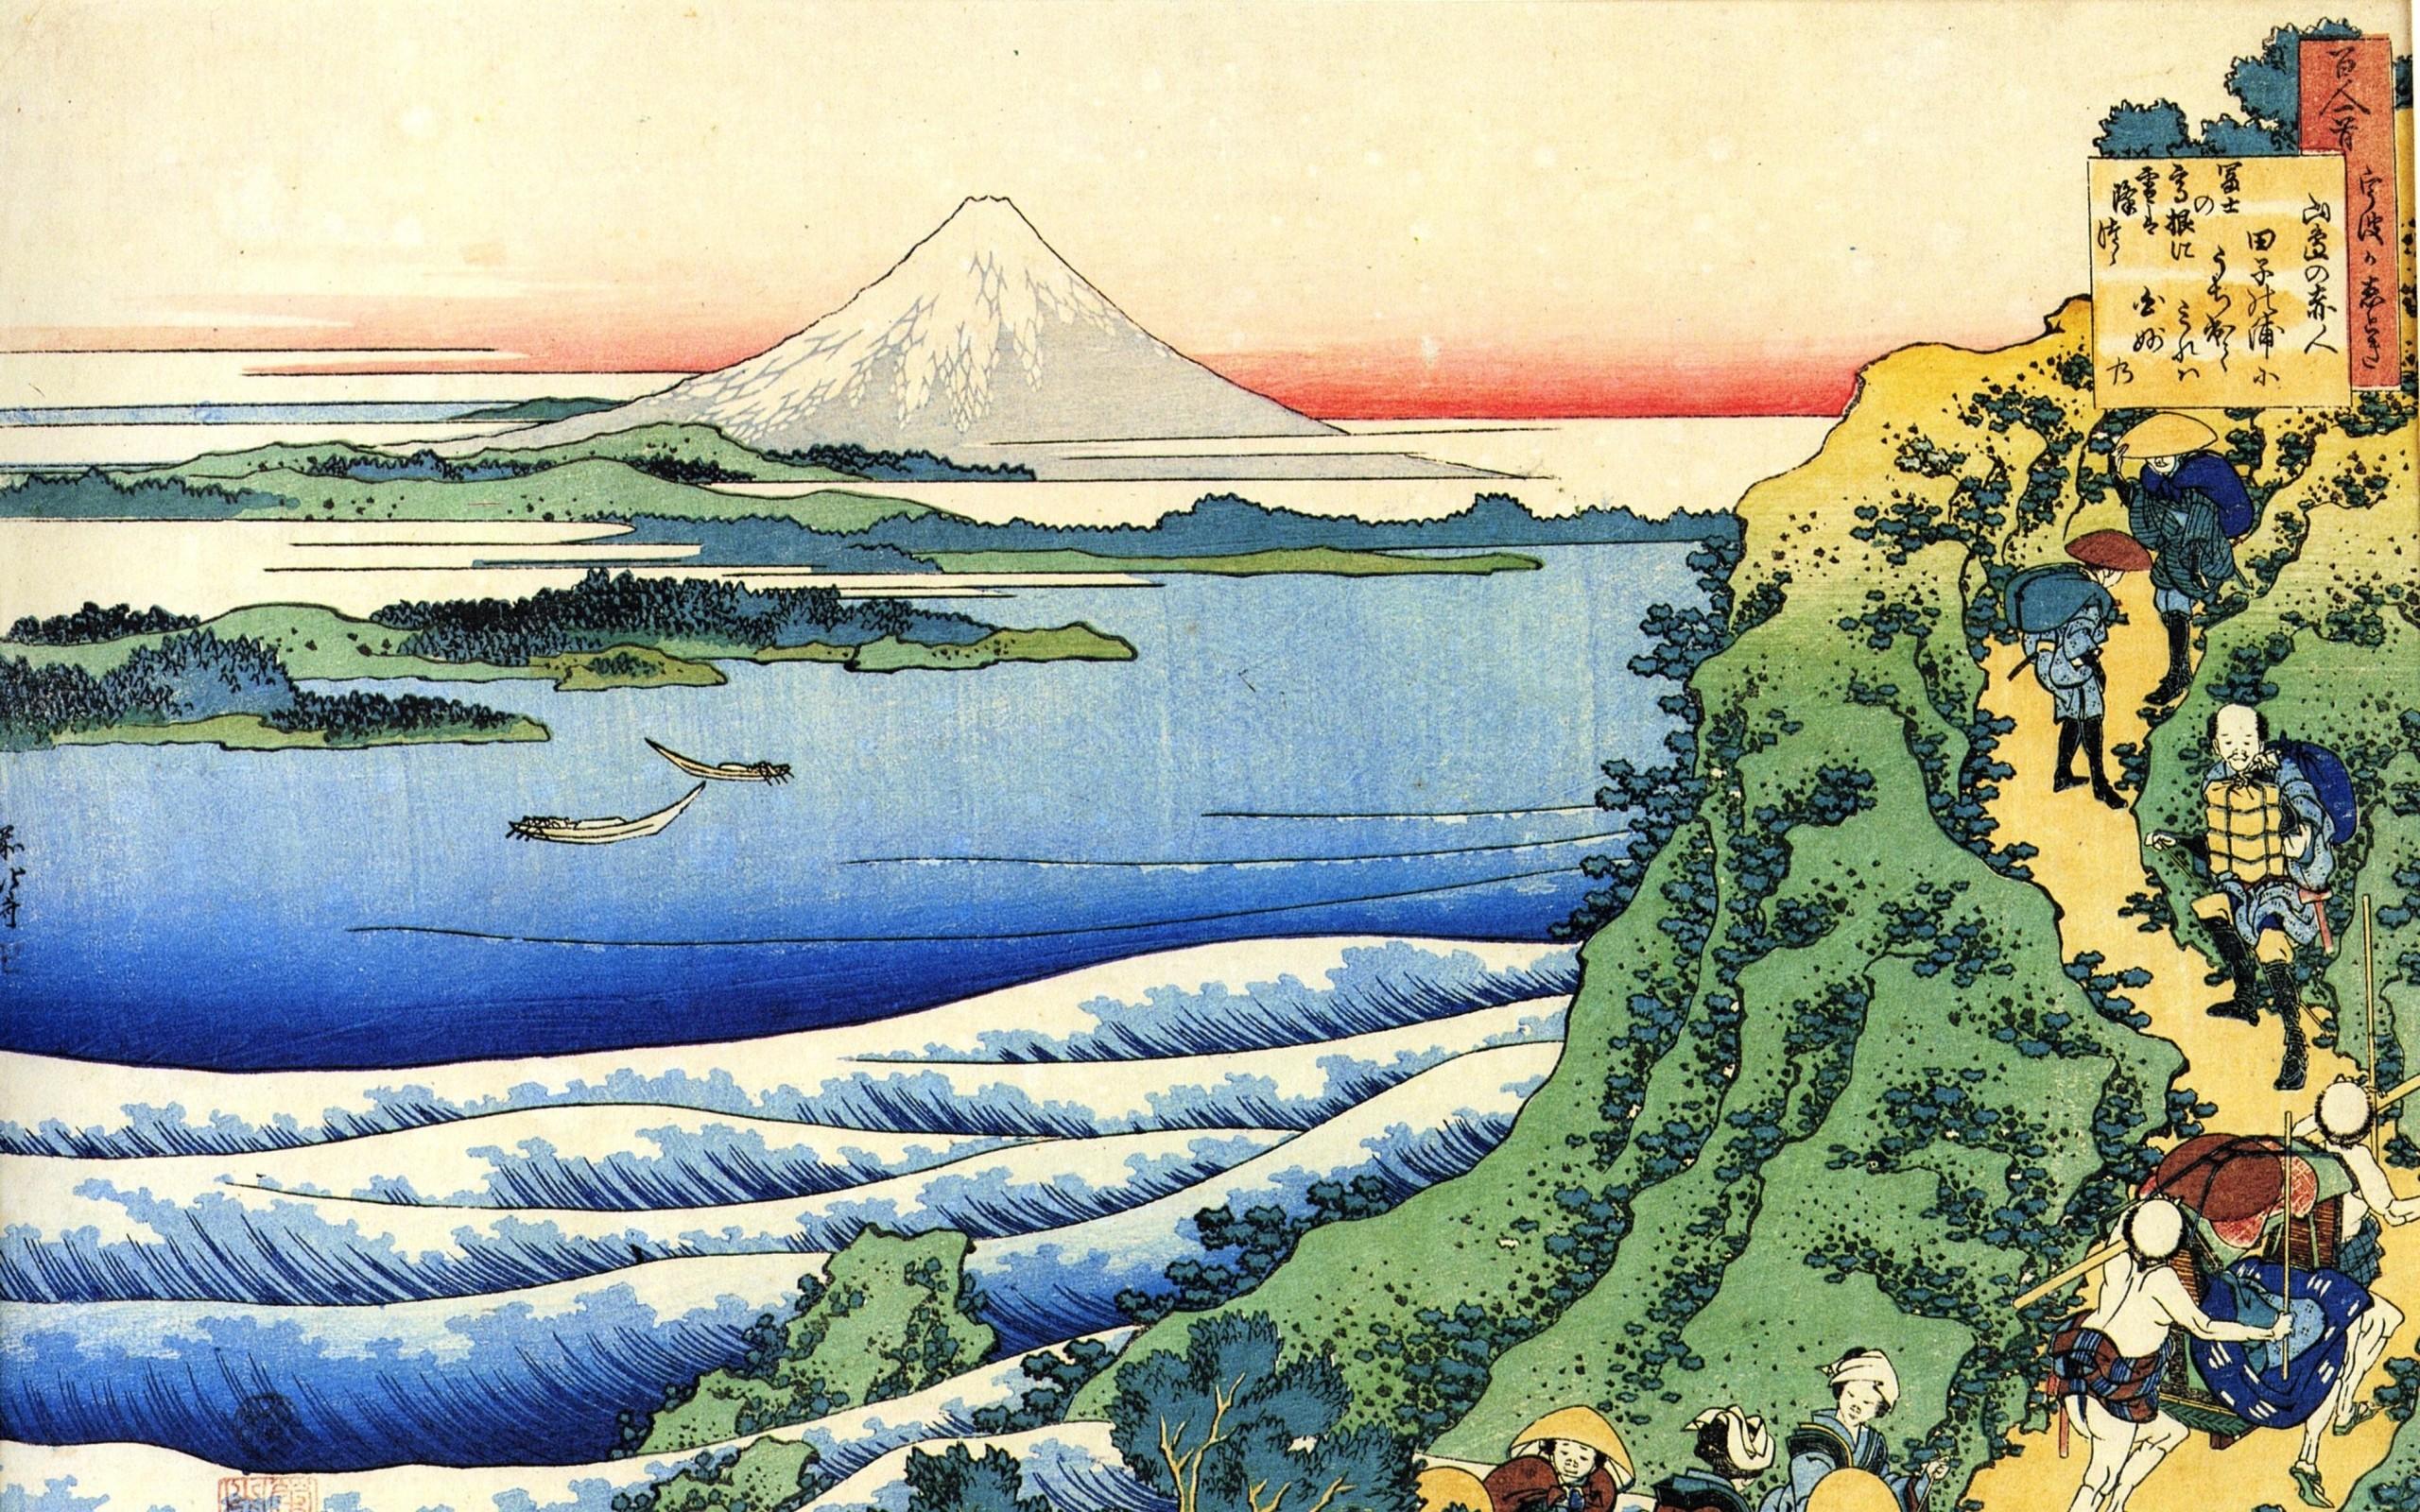 mount fuji japanese artwork katsushika hokusai thirtysix views of mount  fuji 3807×2547 wallpaper Art HD Wallpaper